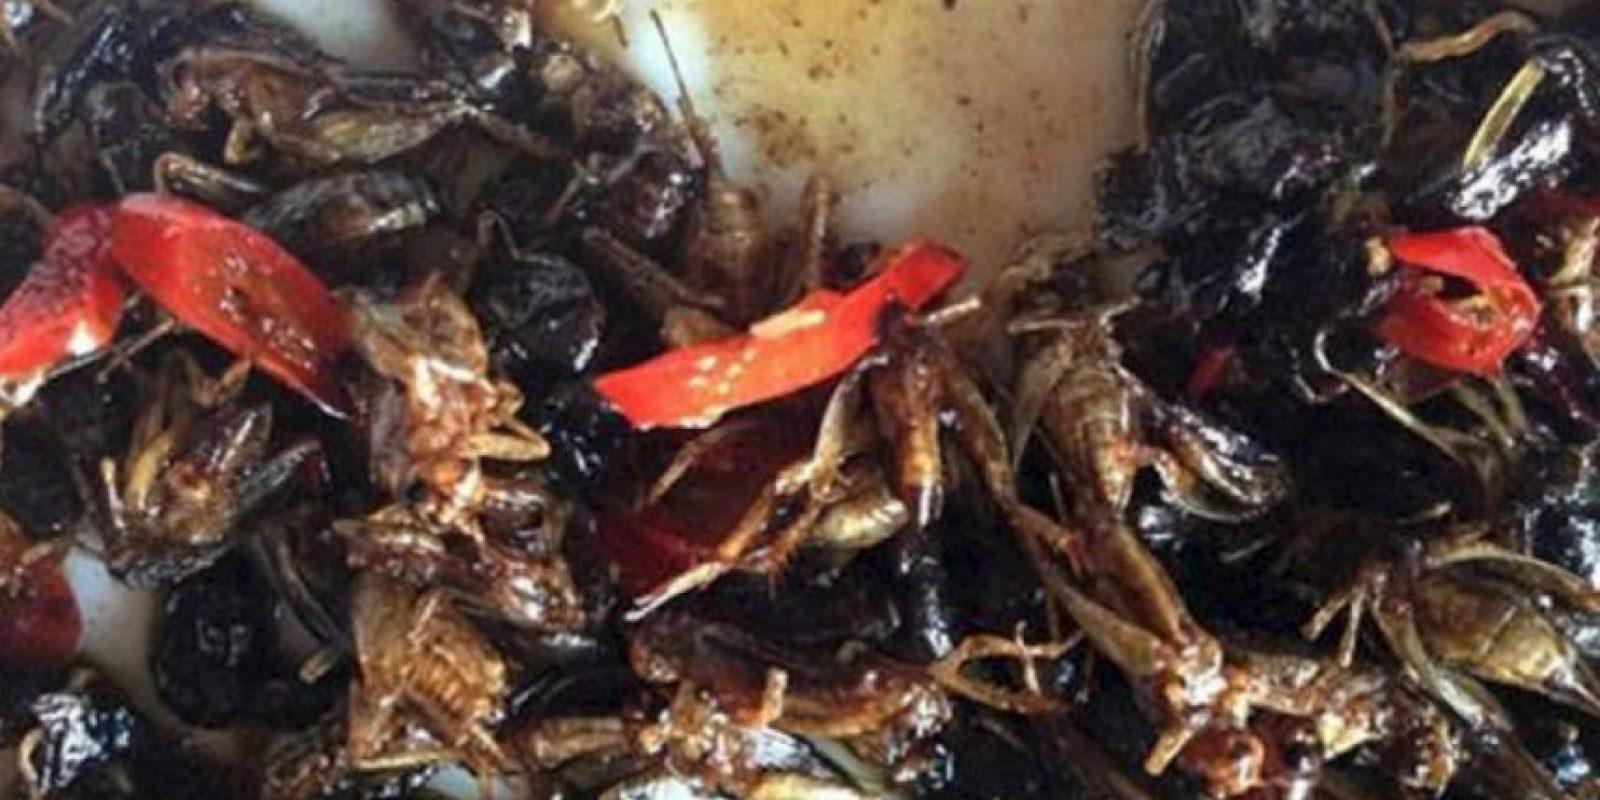 Se estima que los insectos forman parte de la dieta tradicional de al menos 2.000 millones de personas en el mundo, según el informe de la FAO. Foto:vía Tumblr